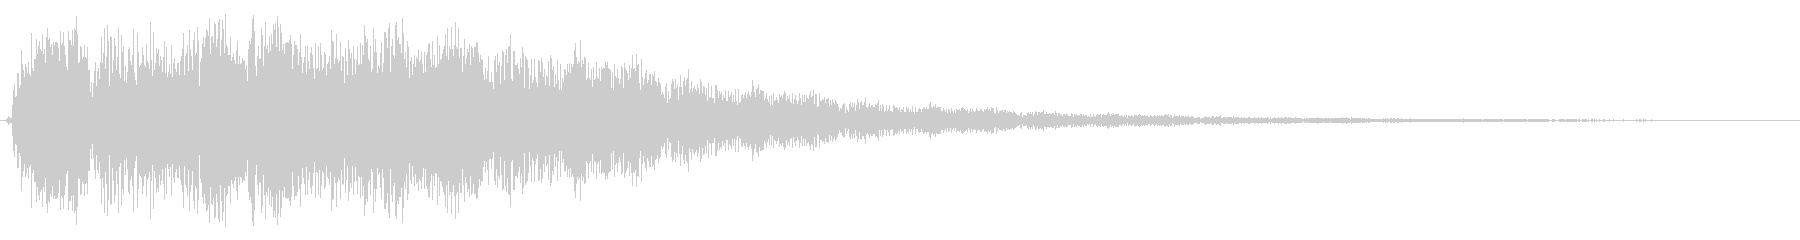 ブゥワァーンというタイトル音の未再生の波形